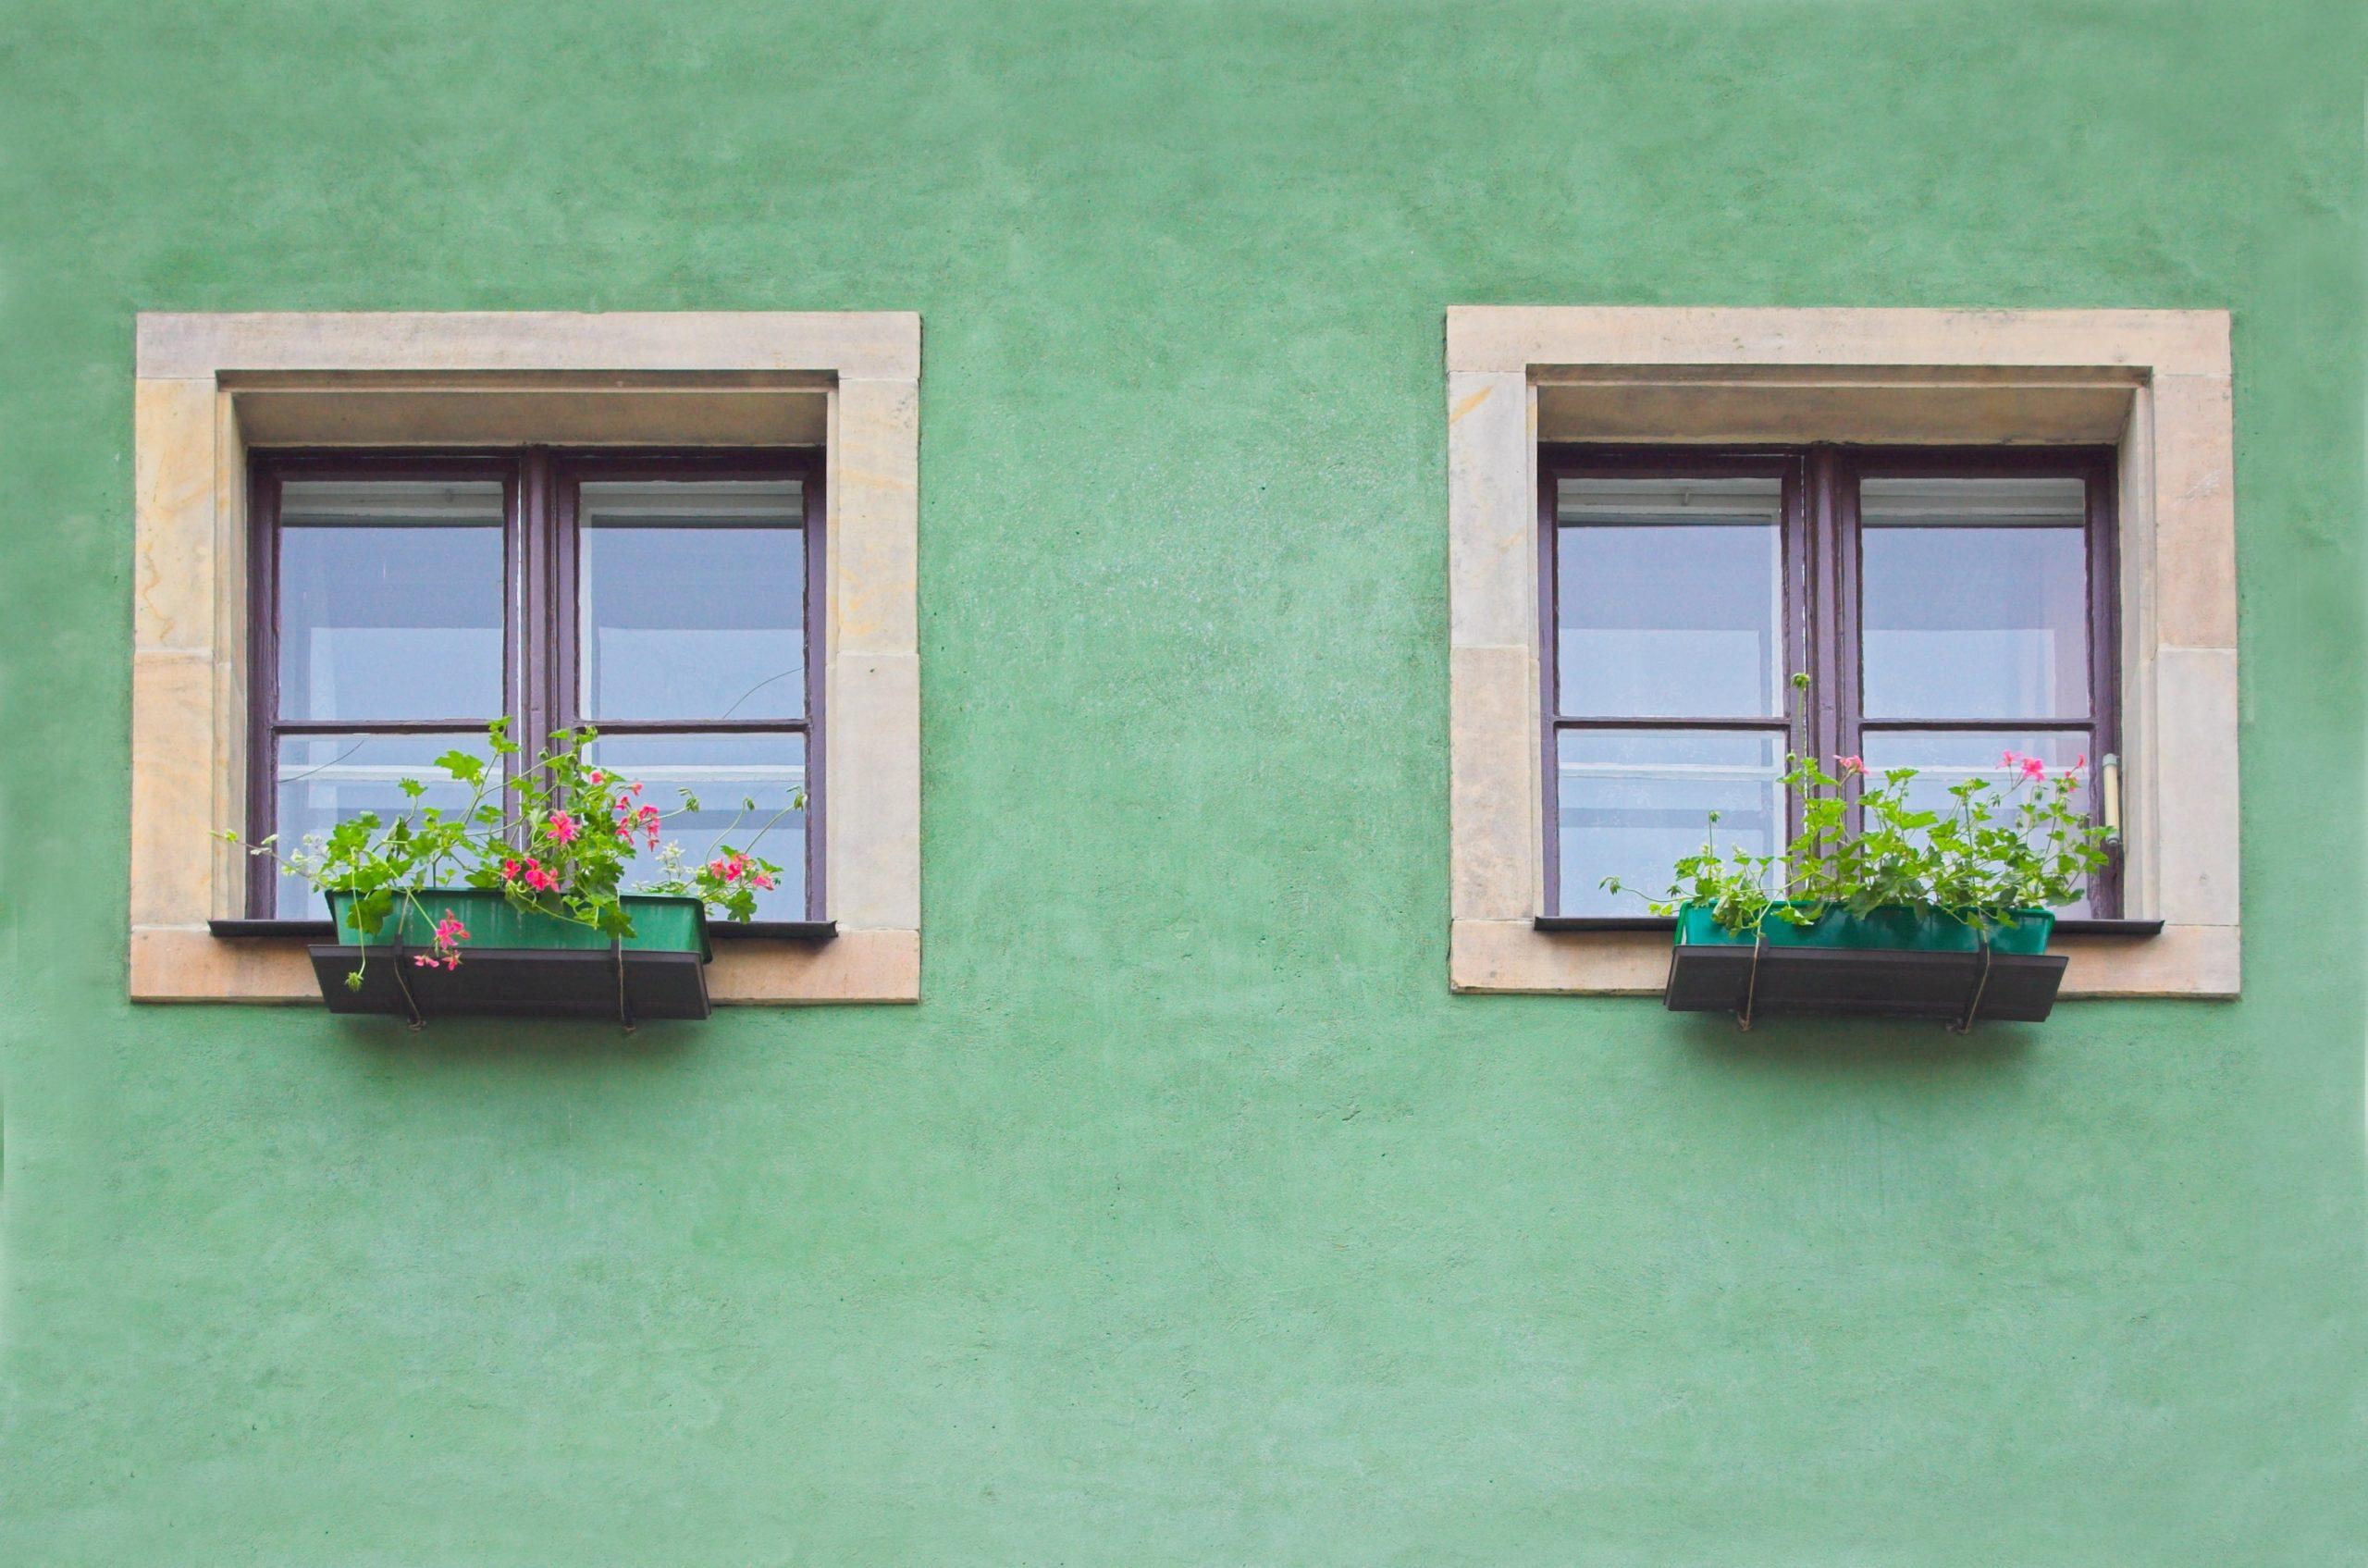 Full Size of Fenster Dreifachverglasung Zweifach Oder Kosten Weru Preise Schallschutz Preis Mid Doppelverglasung Mit Tipps Einbau Sonnenschutz Außen Insektenschutz Ohne Fenster Fenster Dreifachverglasung